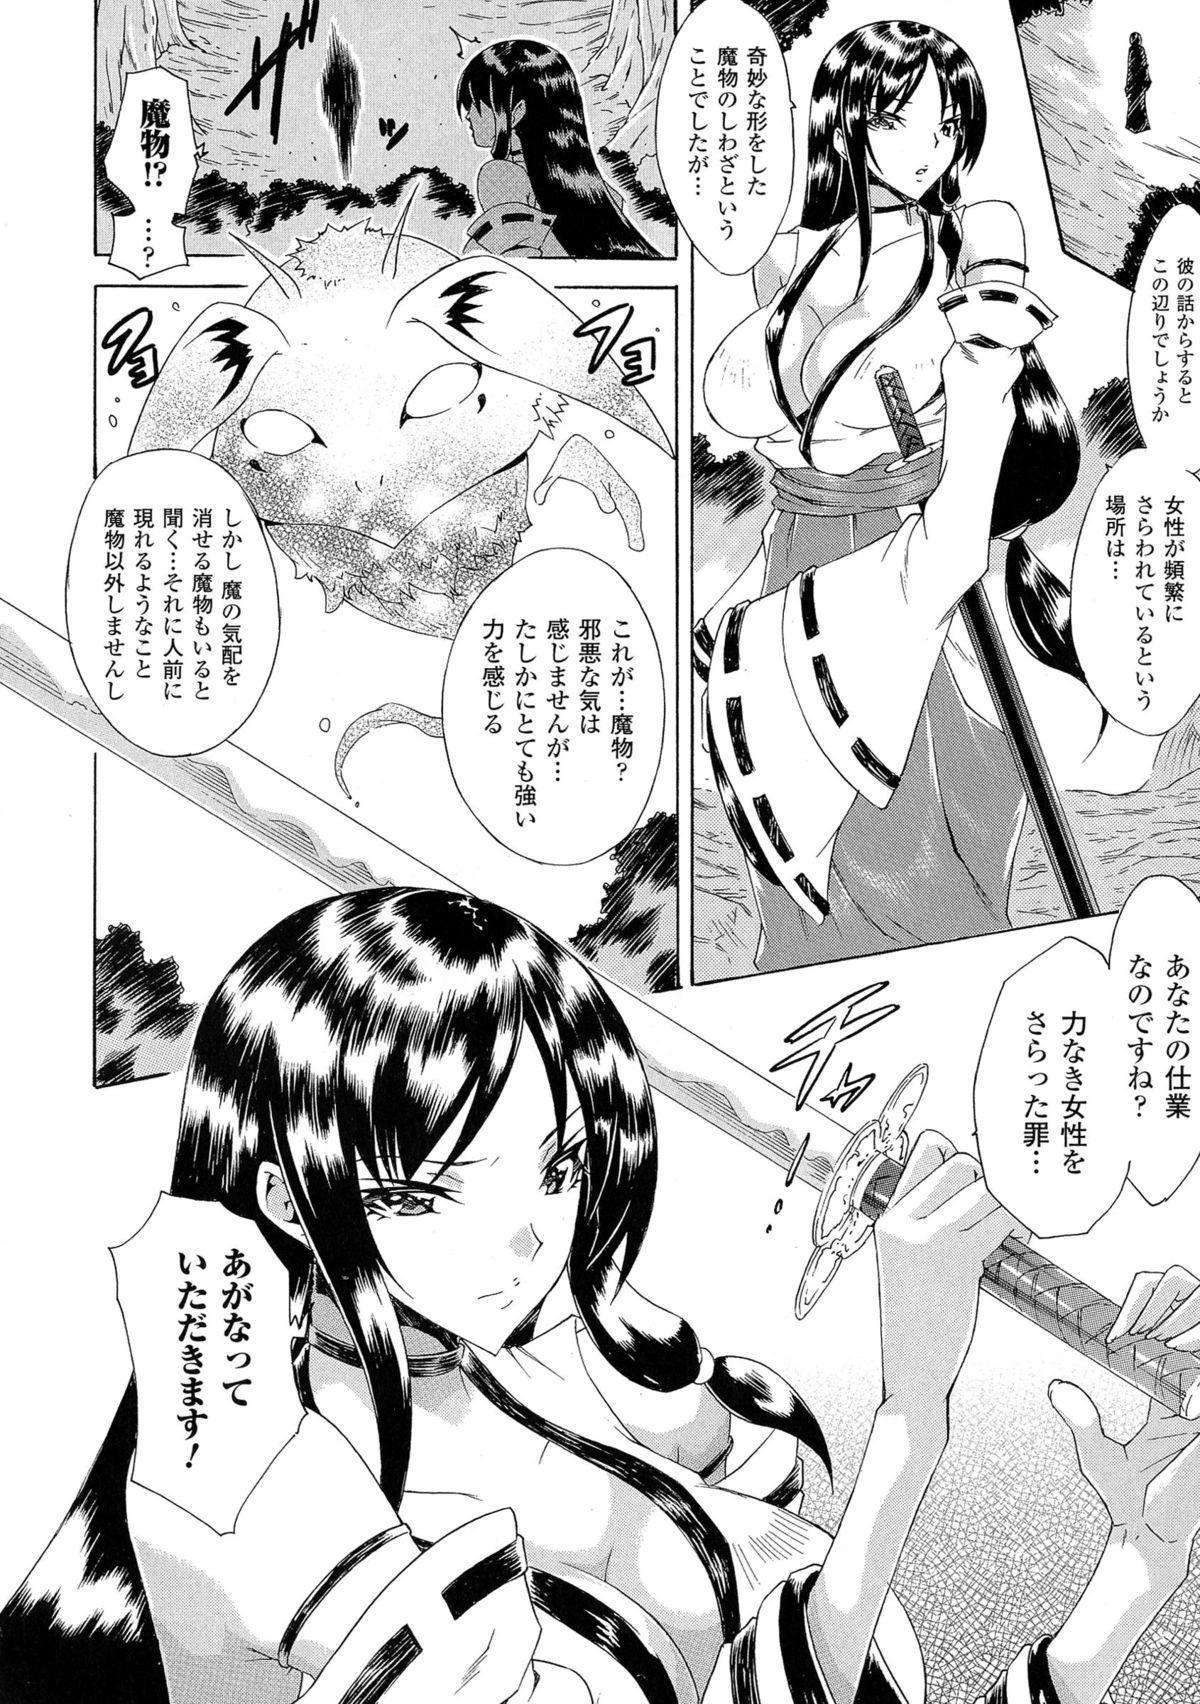 Kachiki na Onna ga Buzama na Ahegao o Sarasu made 123